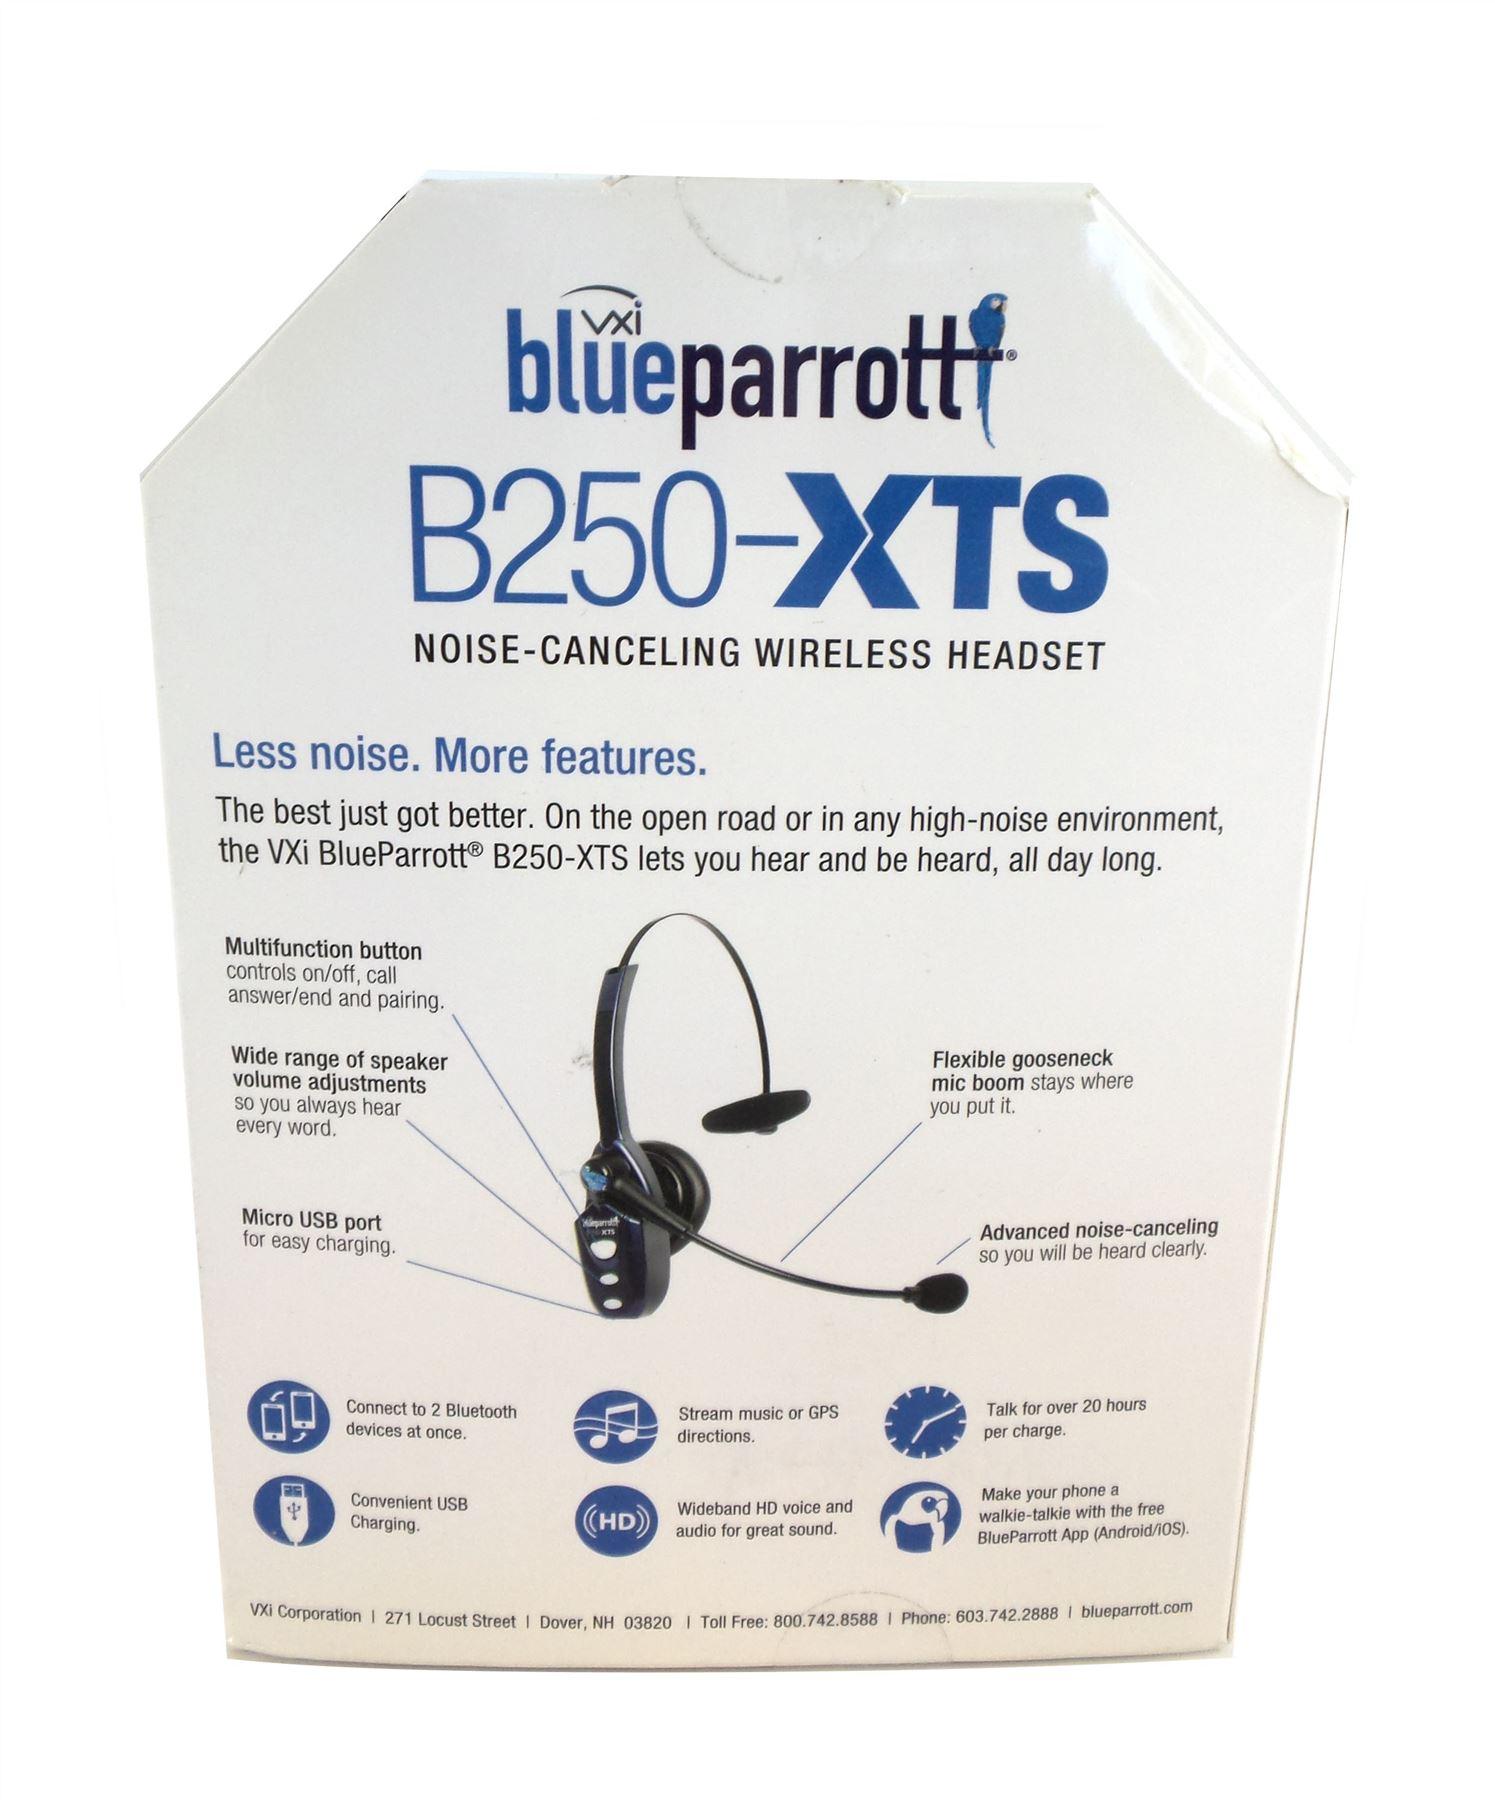 3b0441f2442 Vxi Blueparrott B250-XTS Bluetooth Wireless Headset with Micro USB Charging  Blue